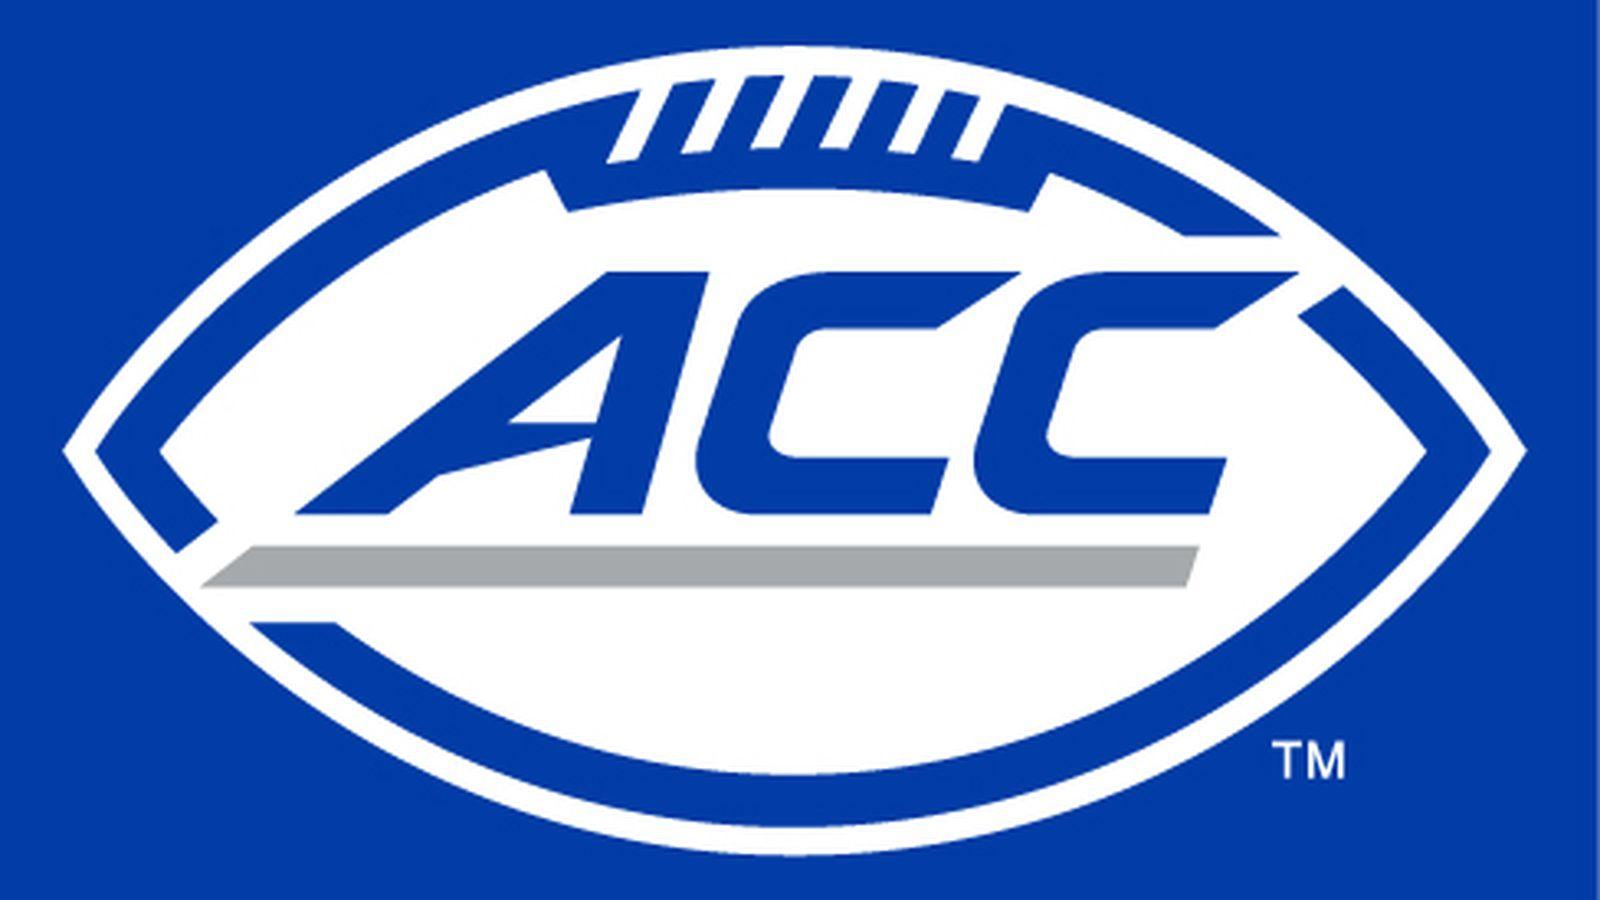 Acc_football_digital_dbg.0.0